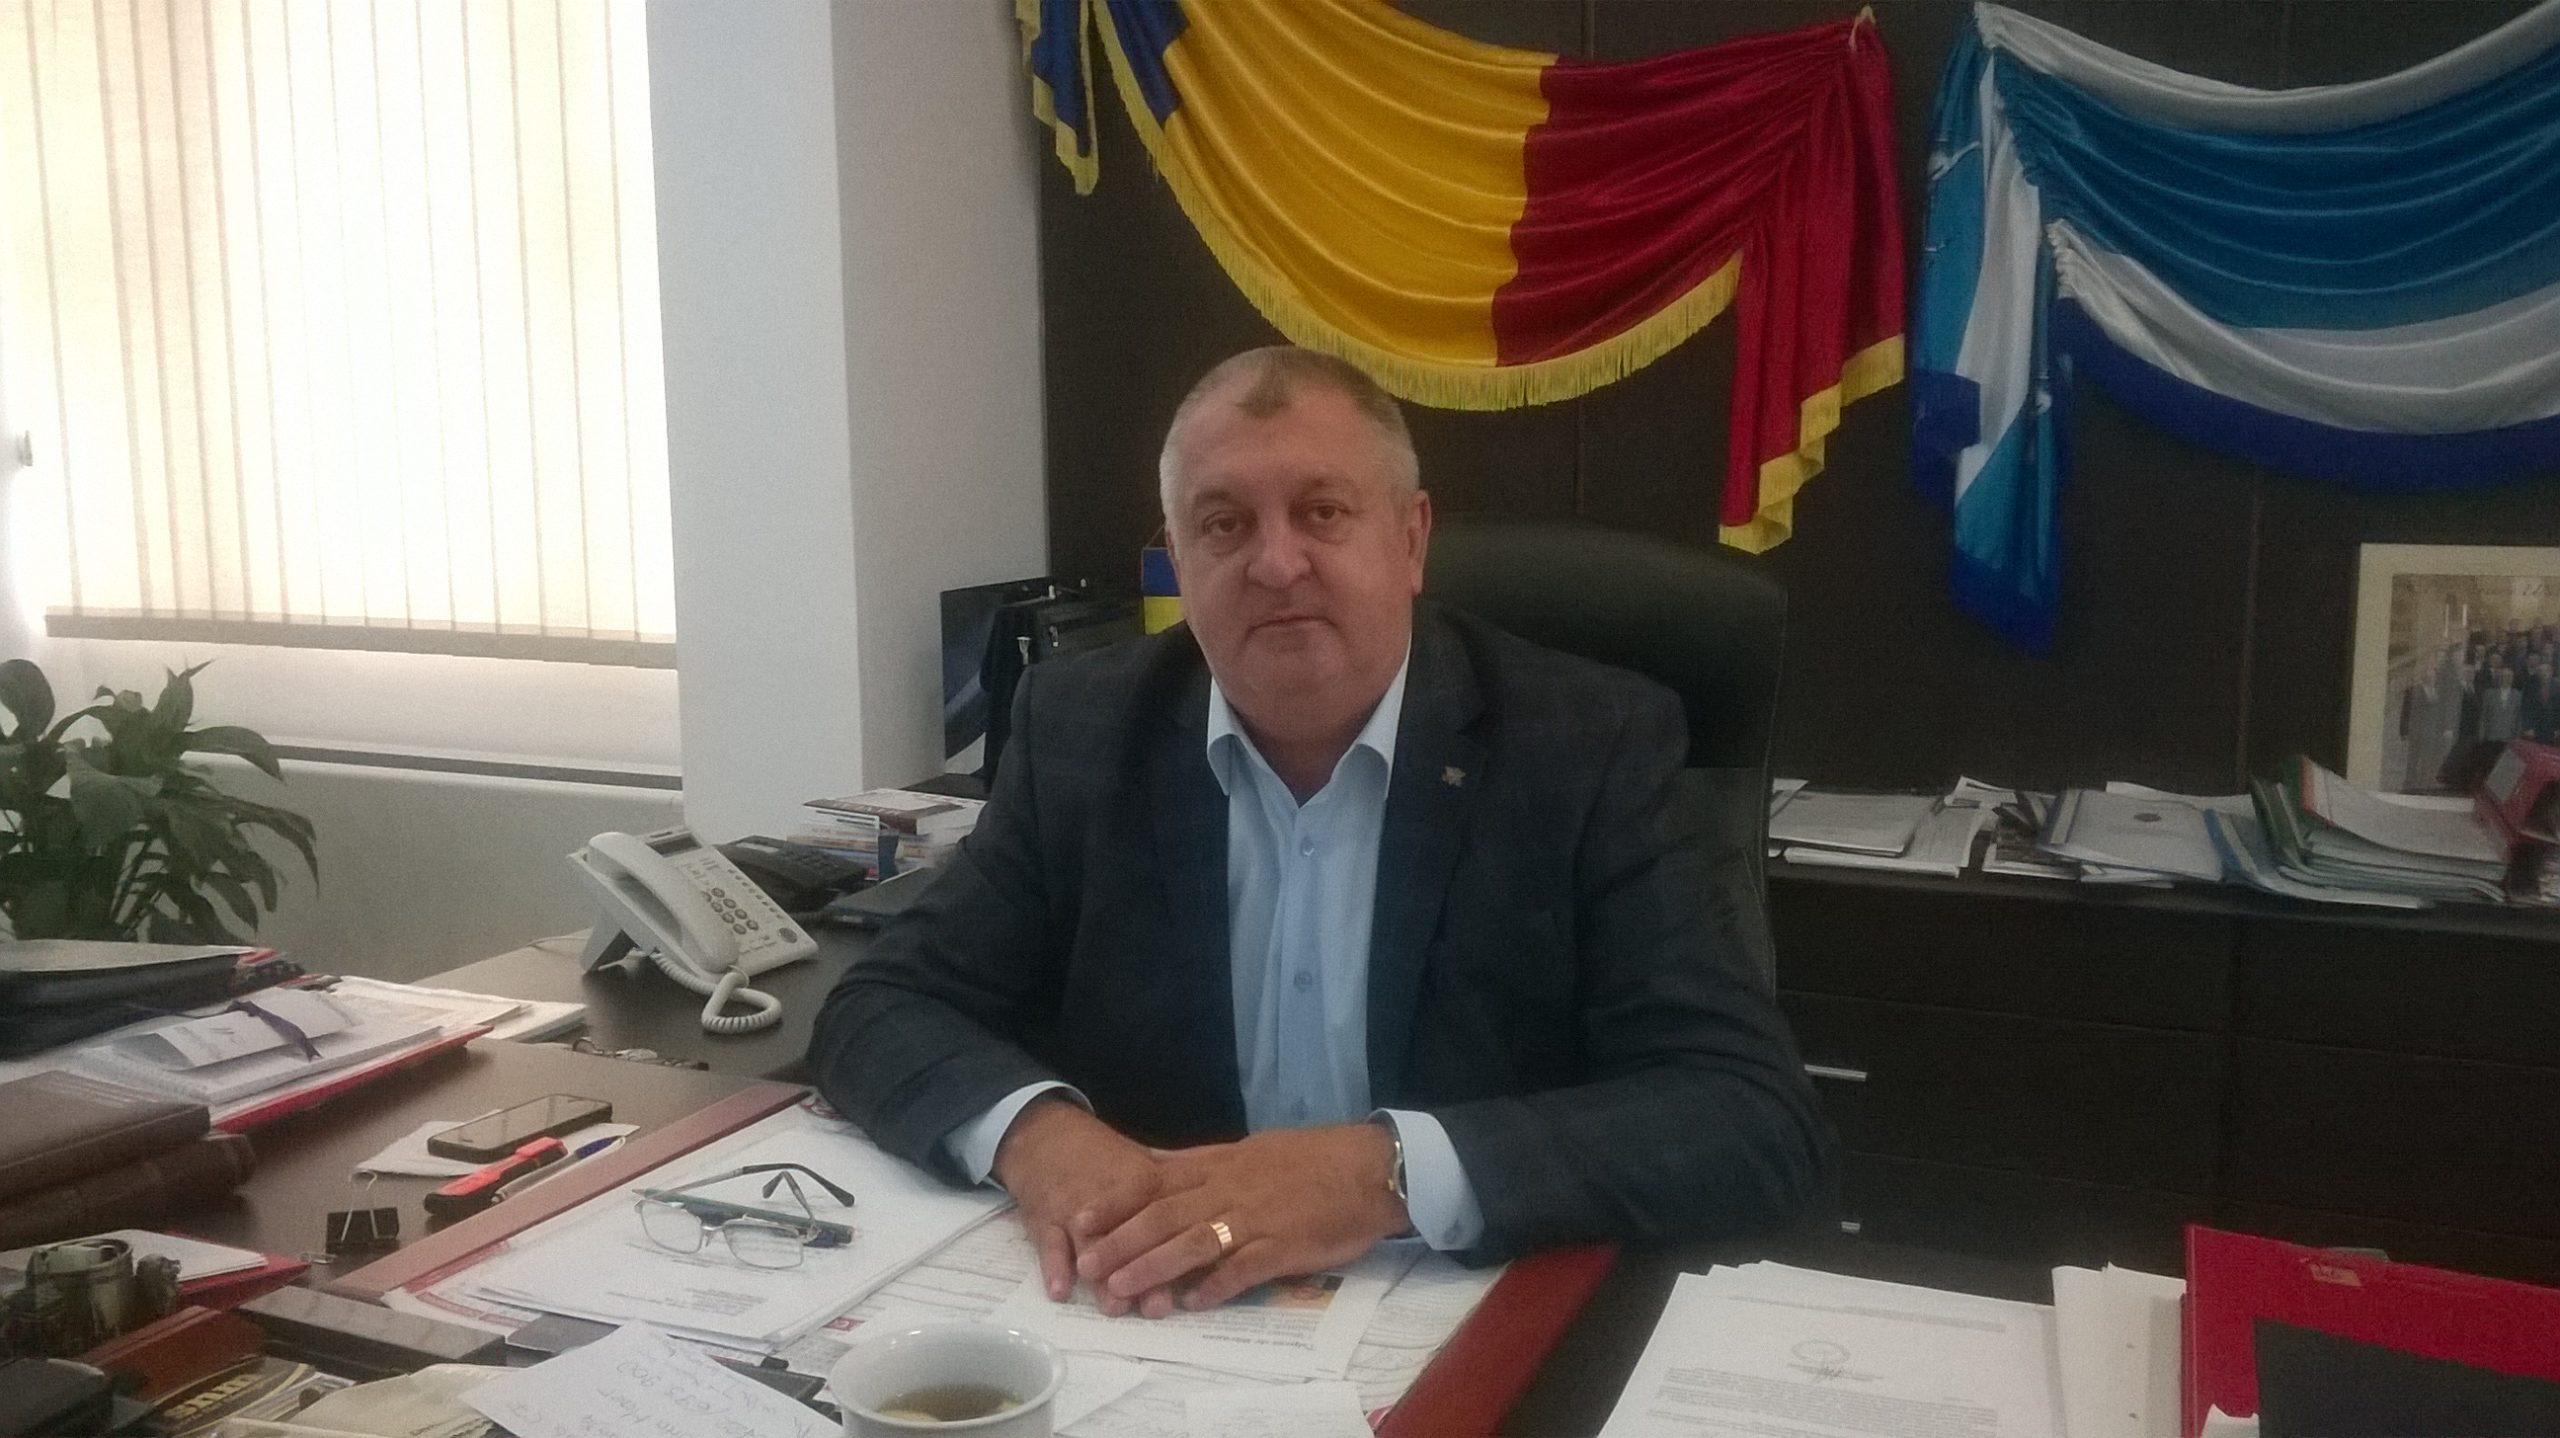 Primăria Municipiului Călărași a semnat contractul pentru înființarea unui Club al pescarilor